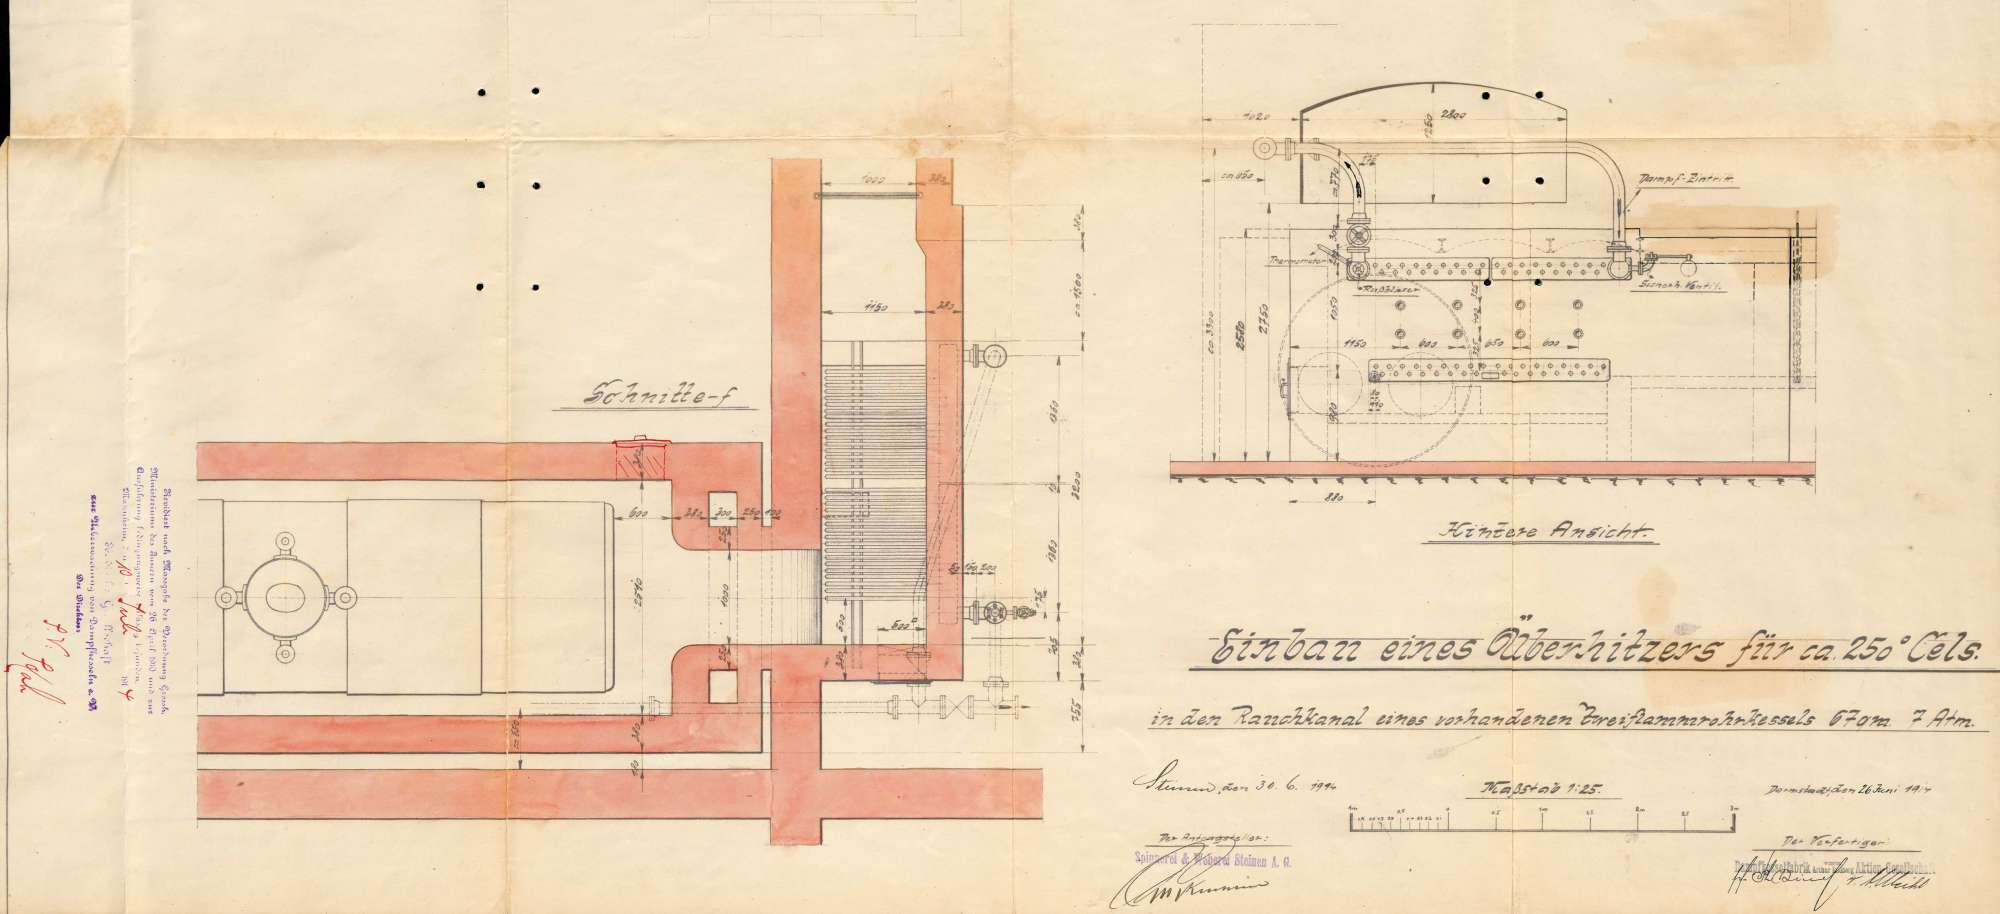 Gesuch der Fa. Spinnerei und Weberei Steinen AG um Erlaubnis zur Anlegung eines Dampfkessels und zum Einbau bzw. zur Verlagerung eines Überhitzers in einem Dampfkessel, Bild 2